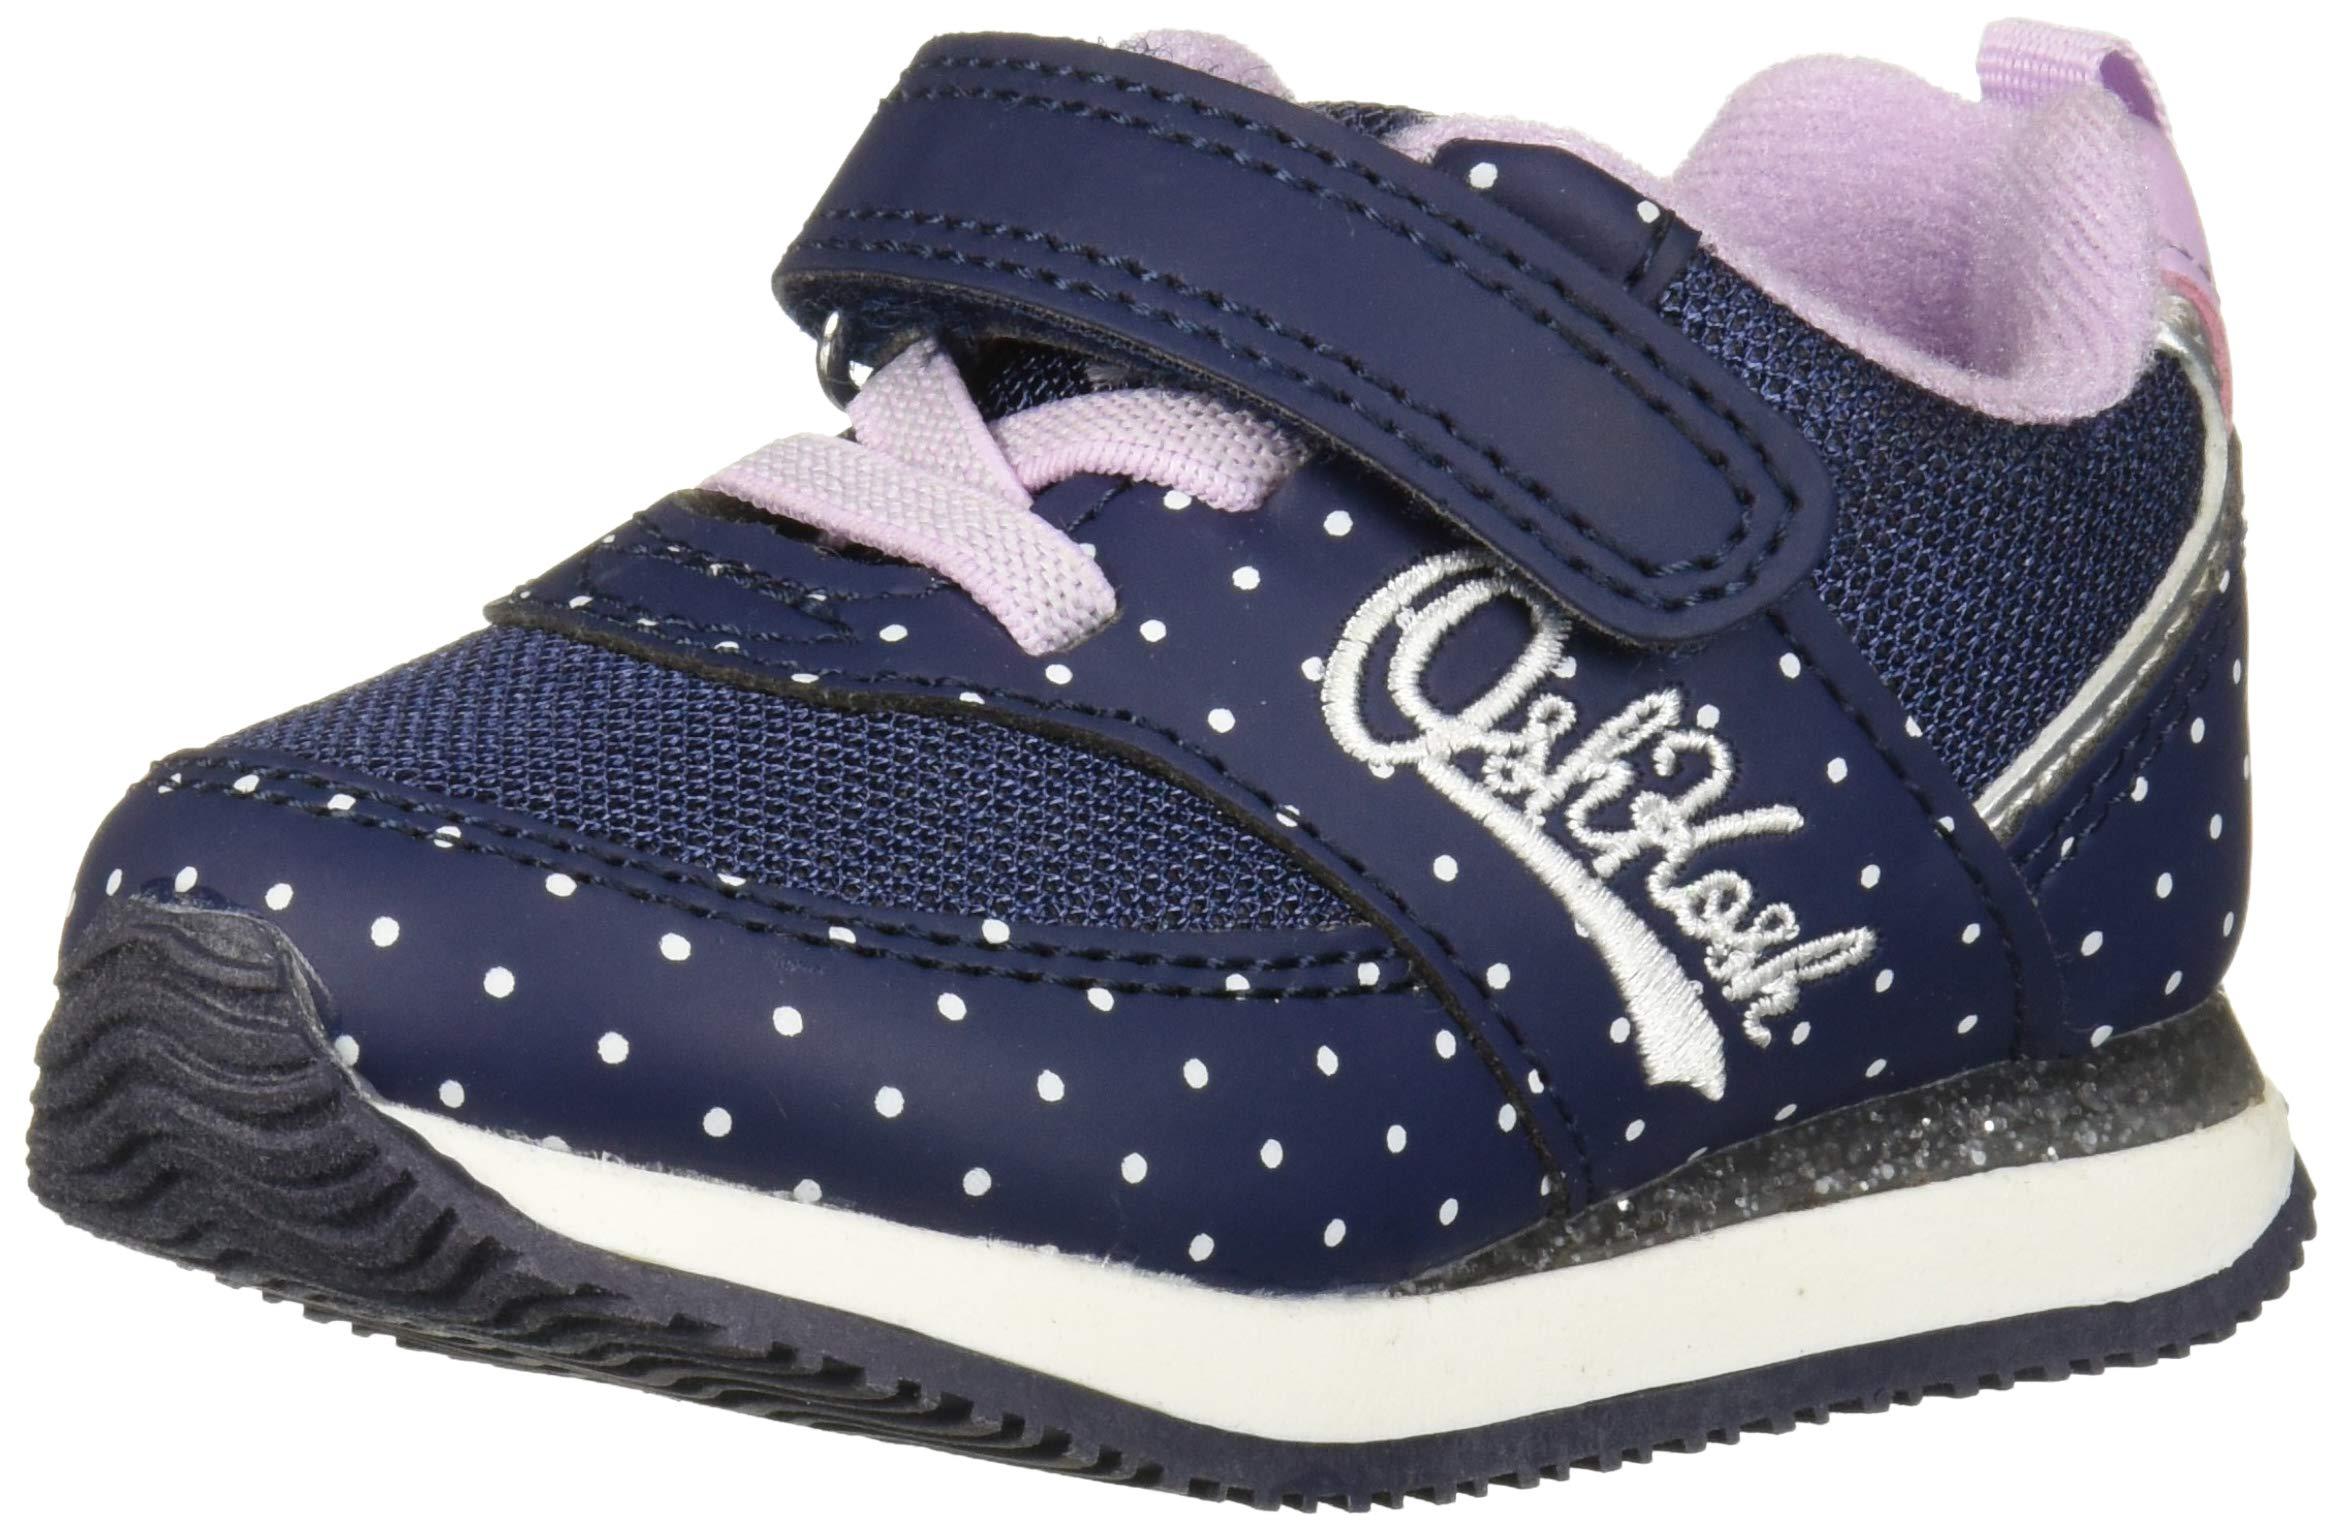 OshKosh B'Gosh Girls' LU Sneaker, Navy/Silver, 10 M US Toddler by OshKosh B'Gosh